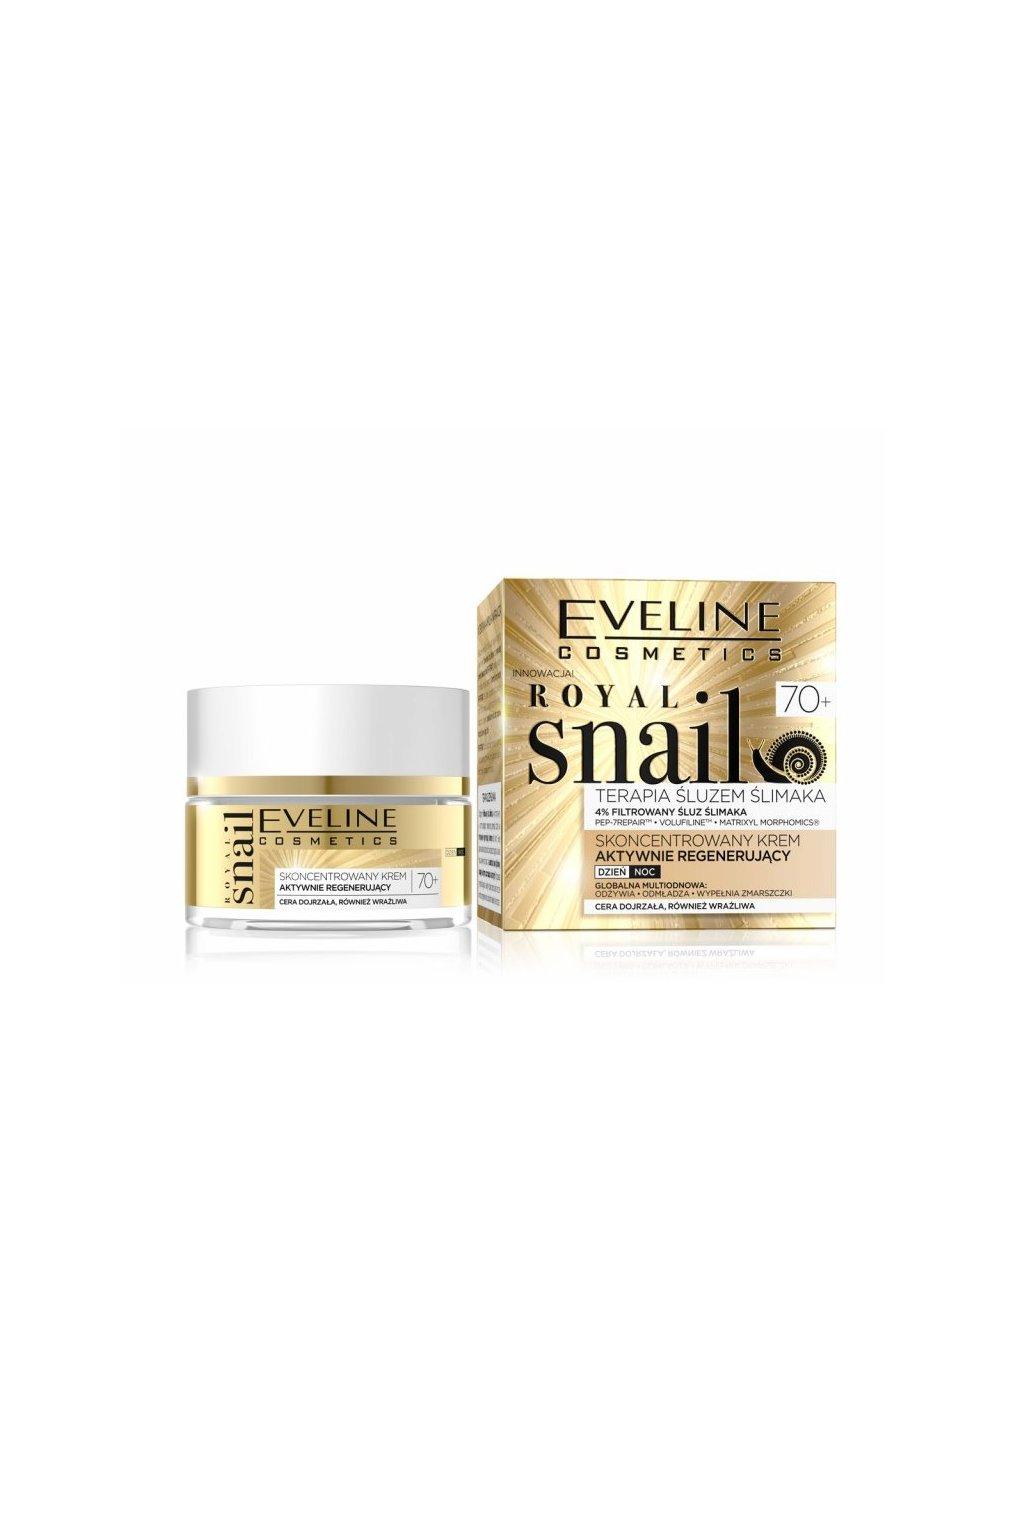 eveline cosmetics royal snail 70 pletovy krem pro zralou plet hlemyzdi sliz